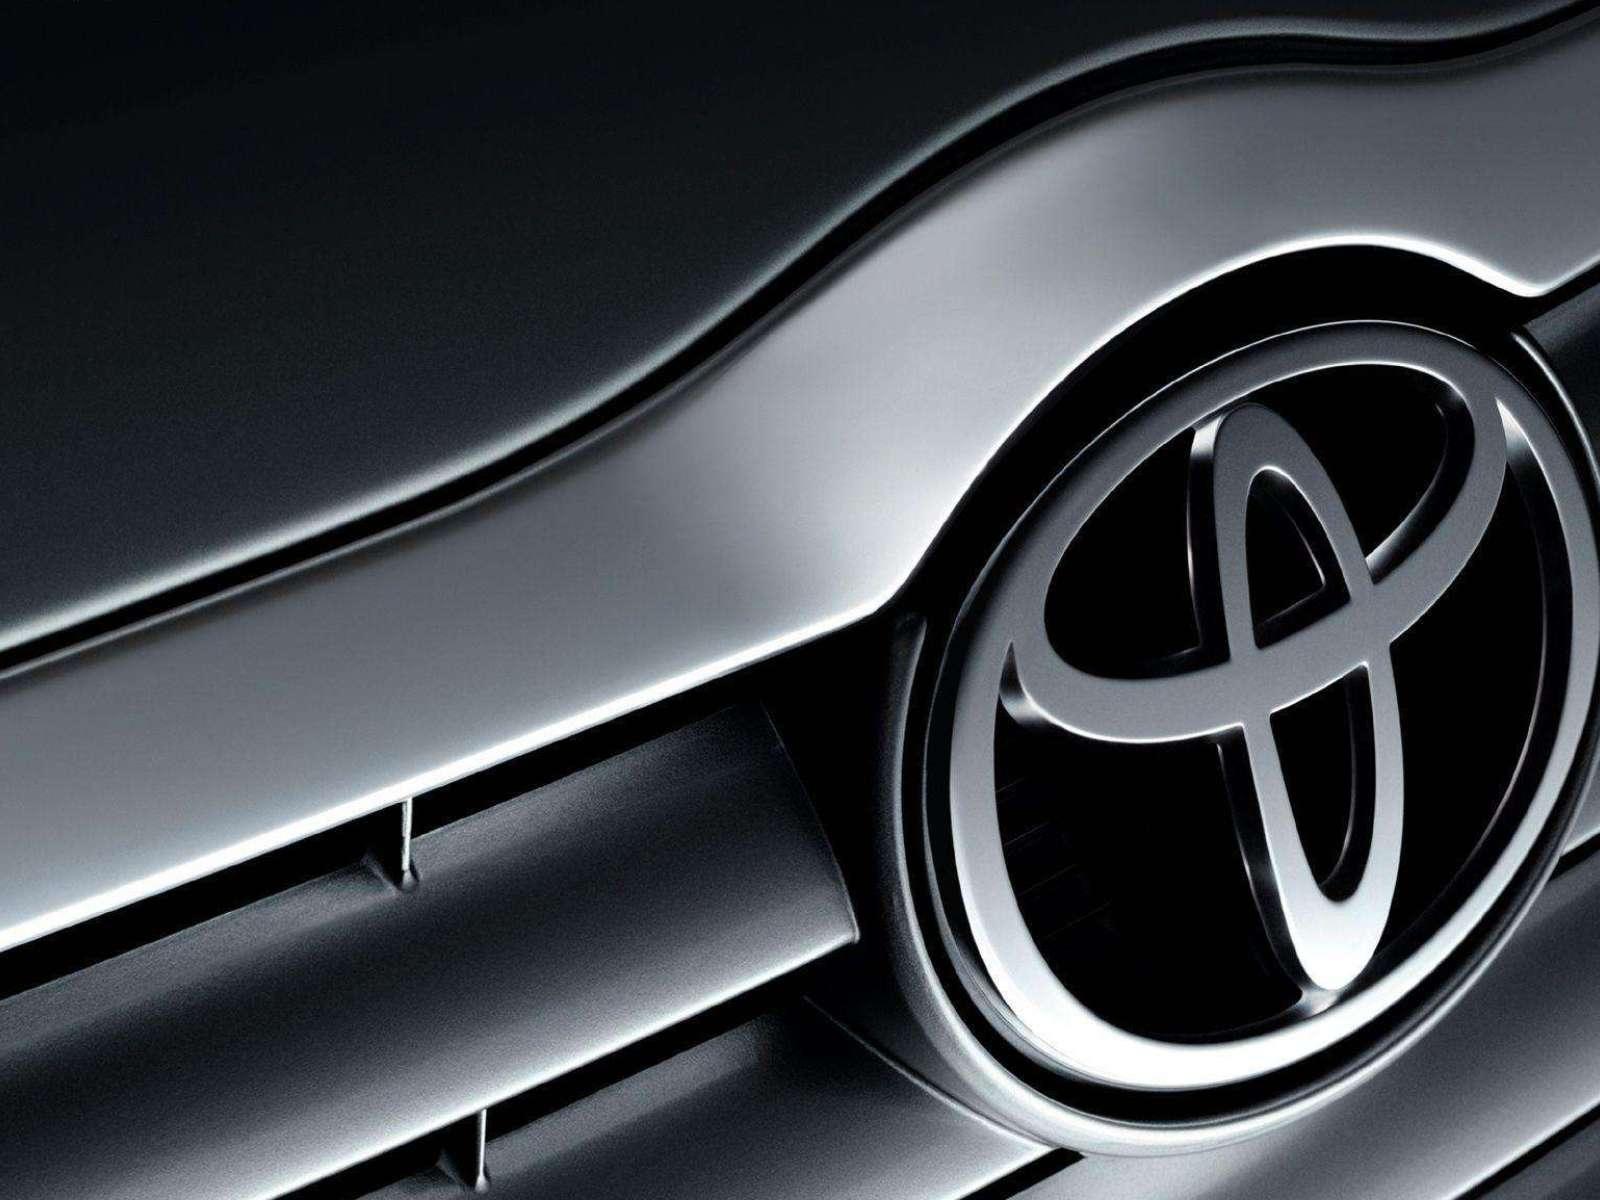 Автомобили Тойота снабдят системой предотвращения наезда навелосипедистов